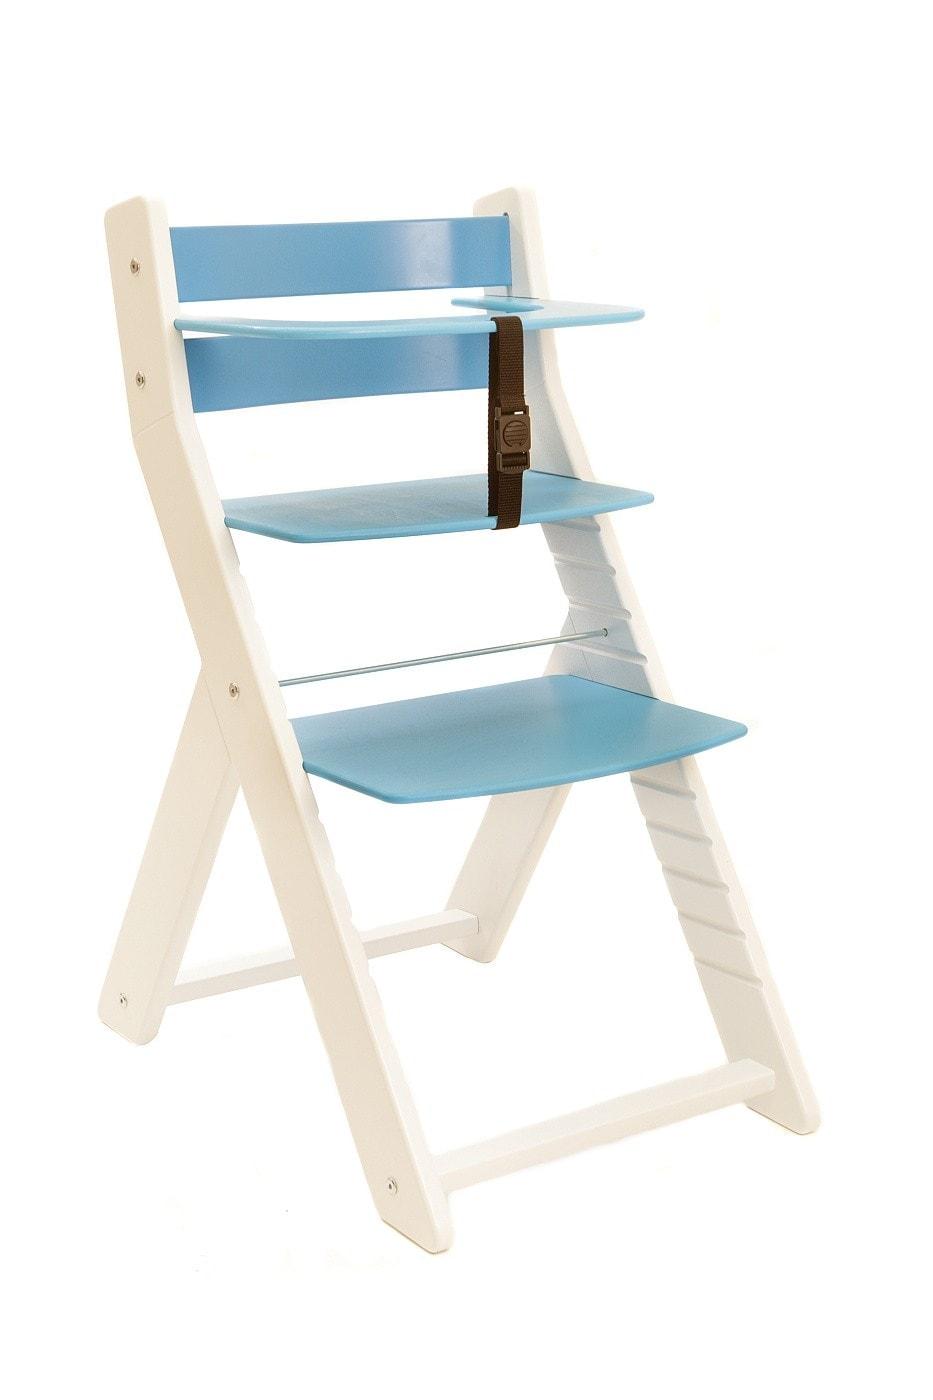 Wood Partner Rostoucí židle Unize bílá / modrá